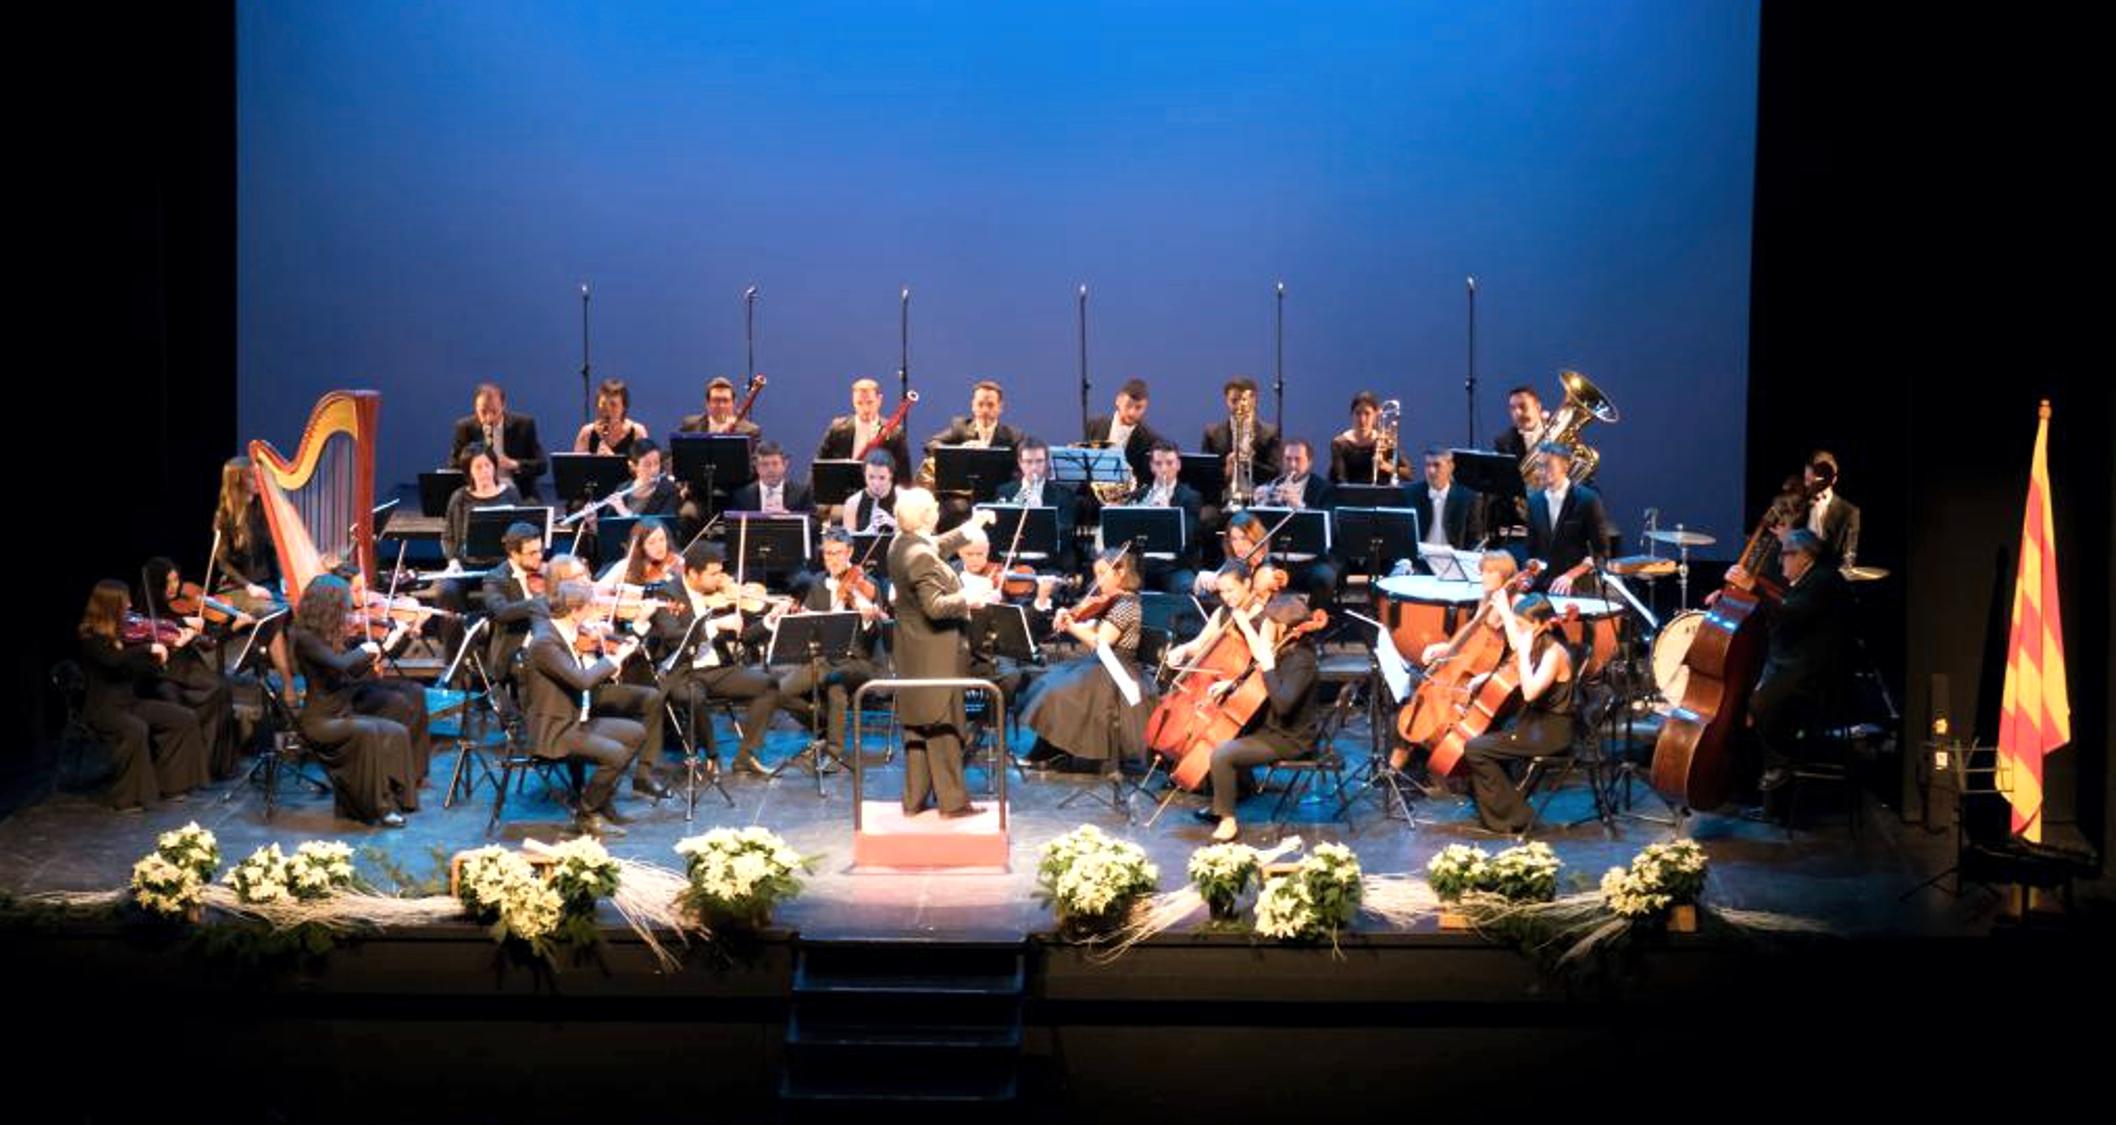 Orquestra Filharmònica de Catalunya 2020